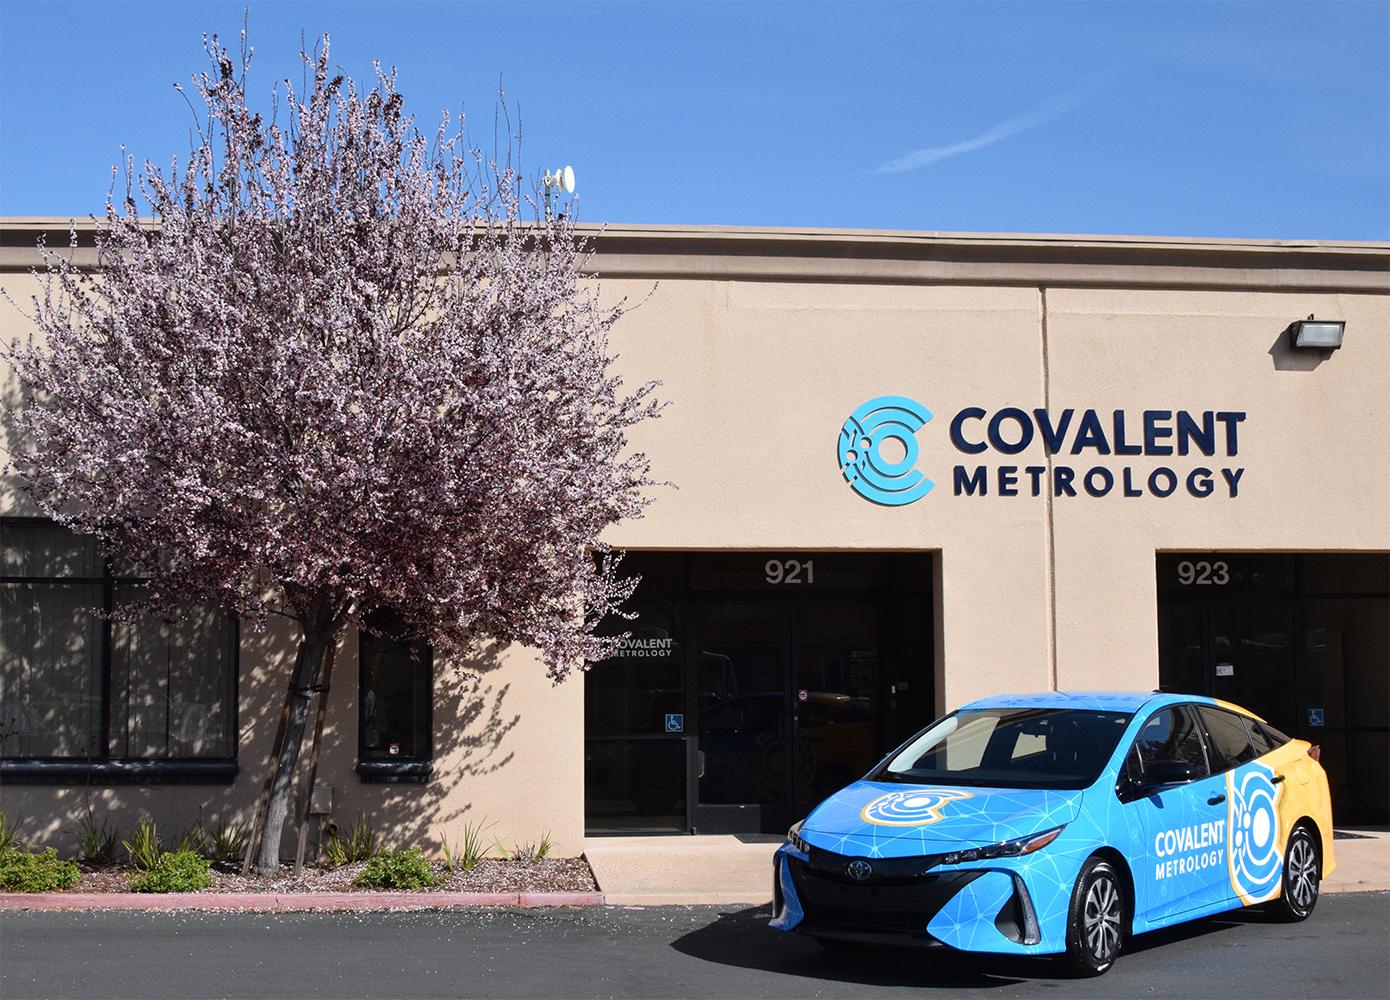 Covalent's Little Blue Prius